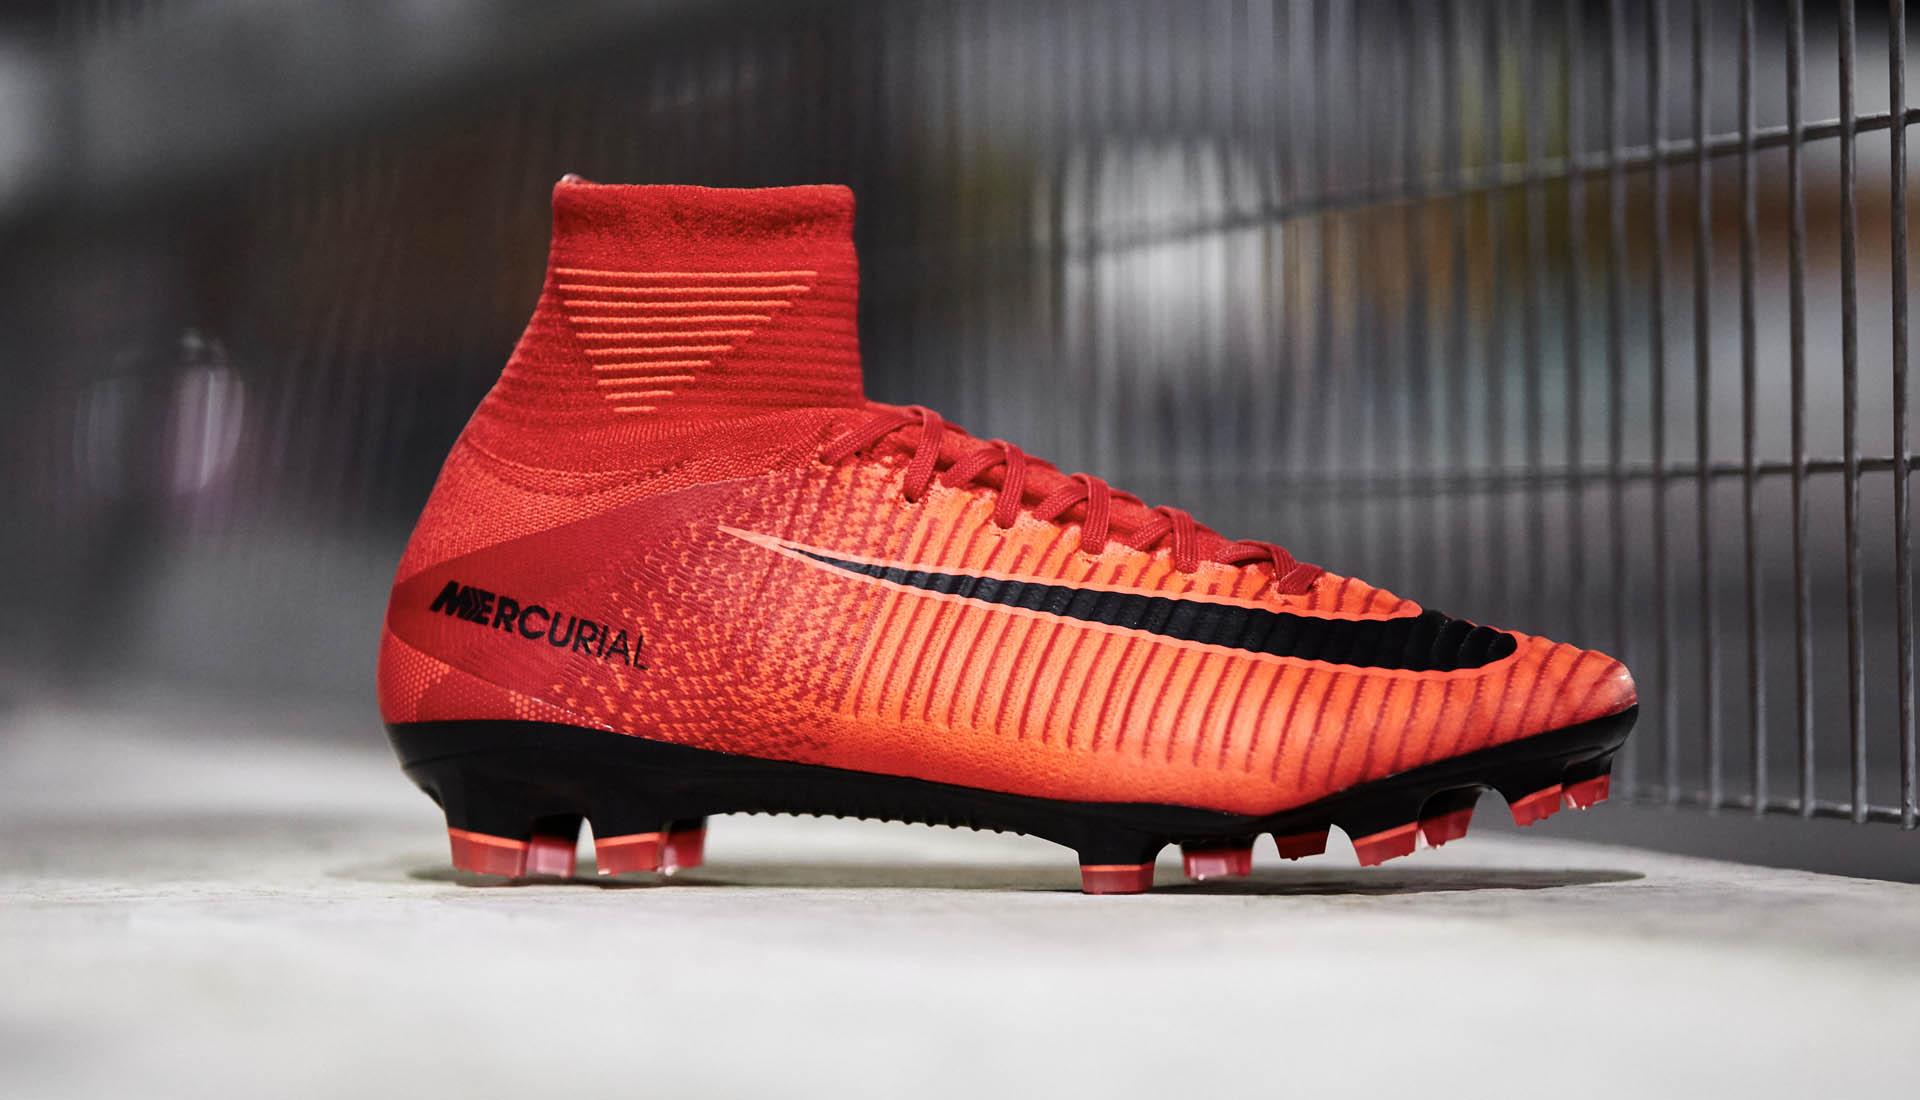 Giày đá banh chính hãng Nike, Adidas bạn mua ở nước nào cũng sẽ giống nhau